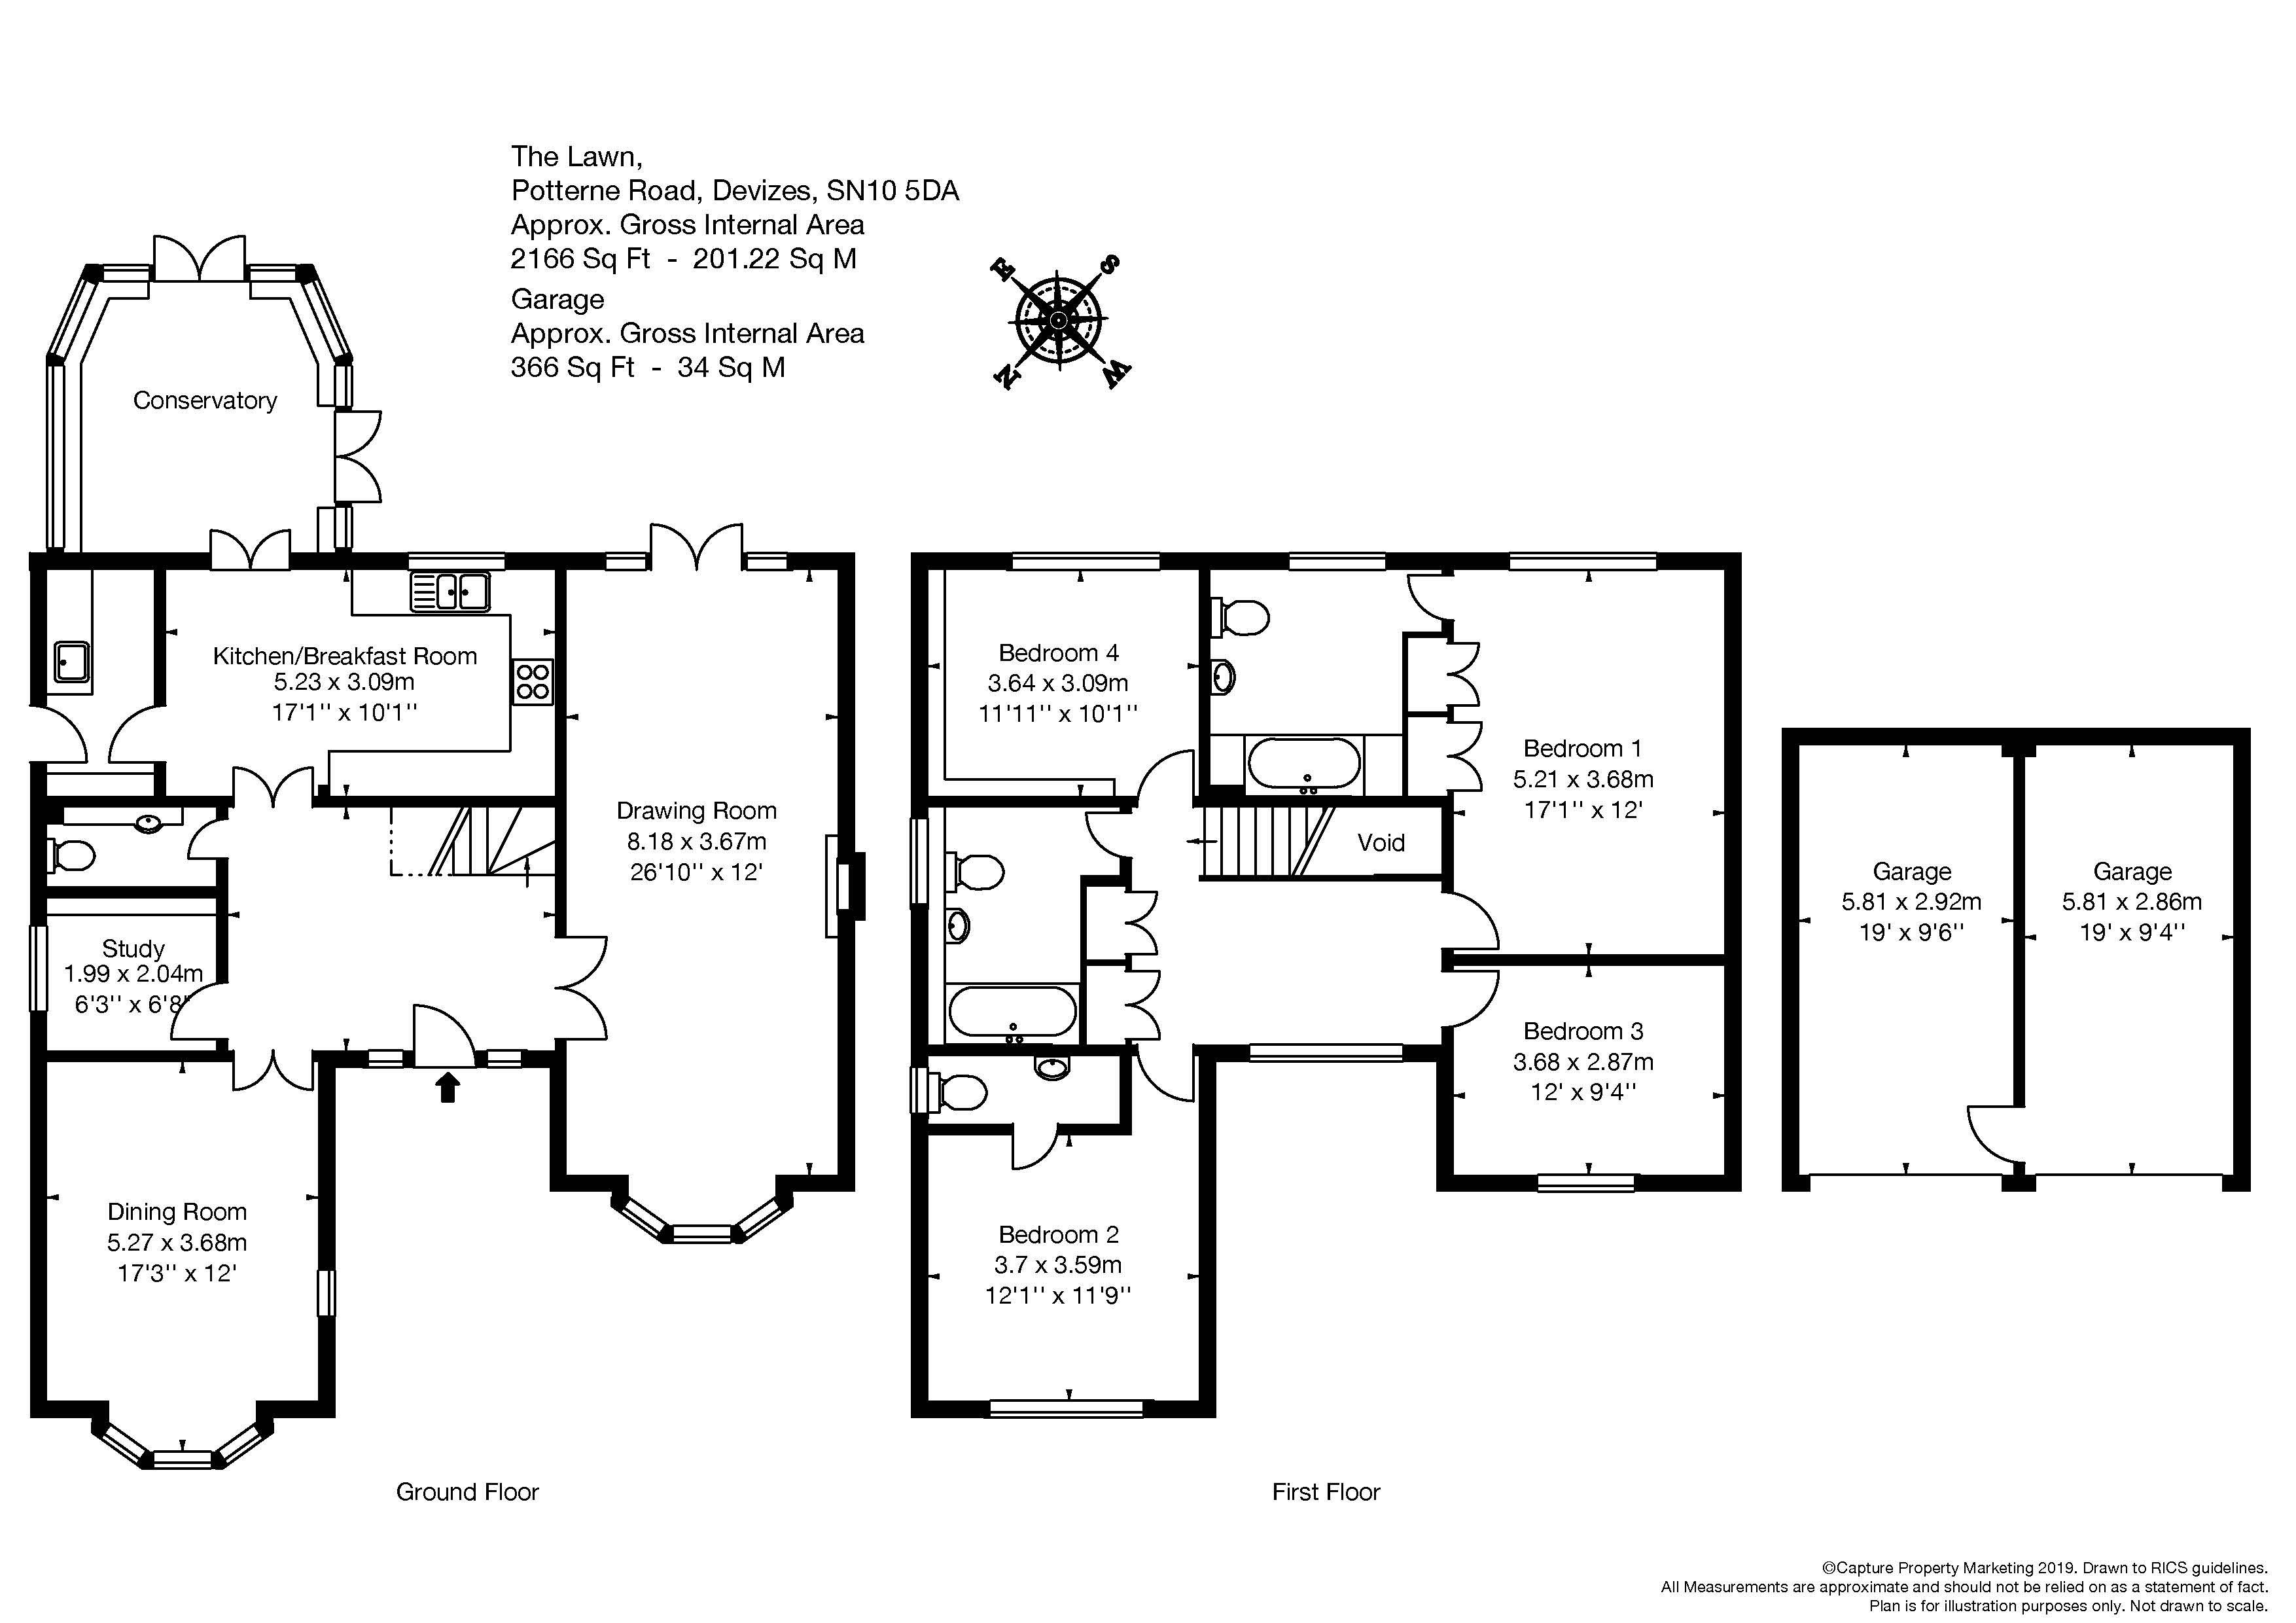 4 bedroom property for sale in Potterne Road, Devizes